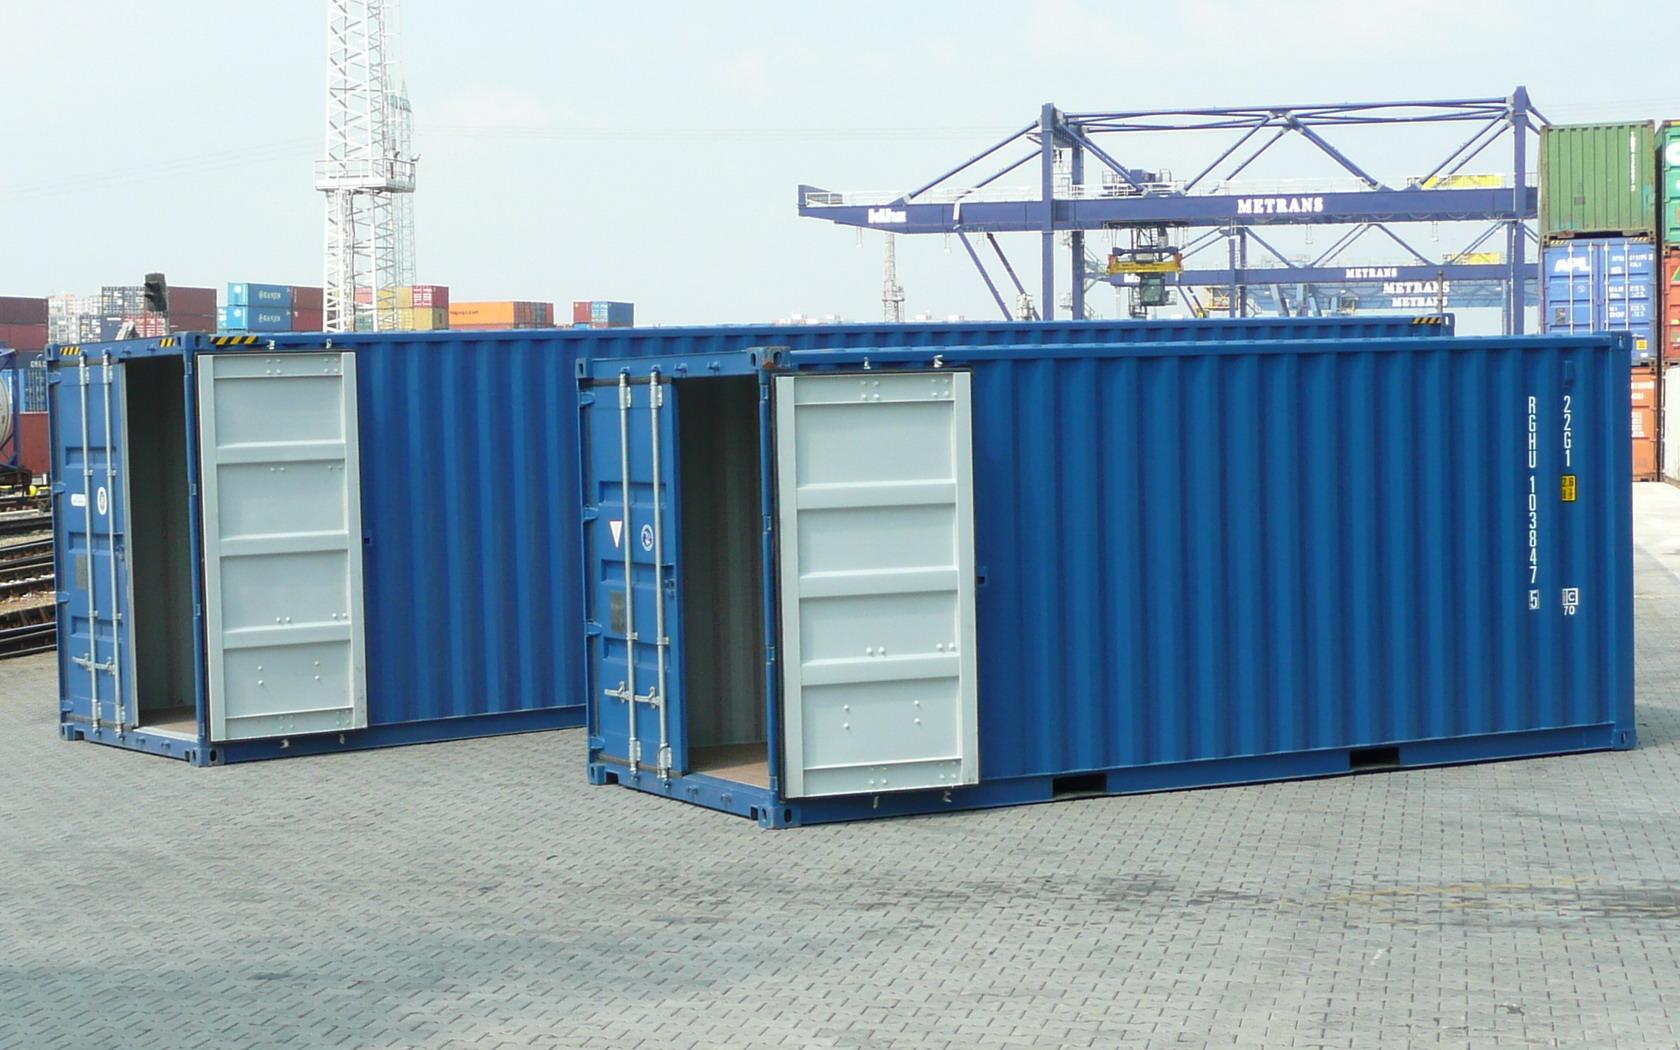 Prodej kontejnerů a dodávka kdekoli v České republice i na Slovensku